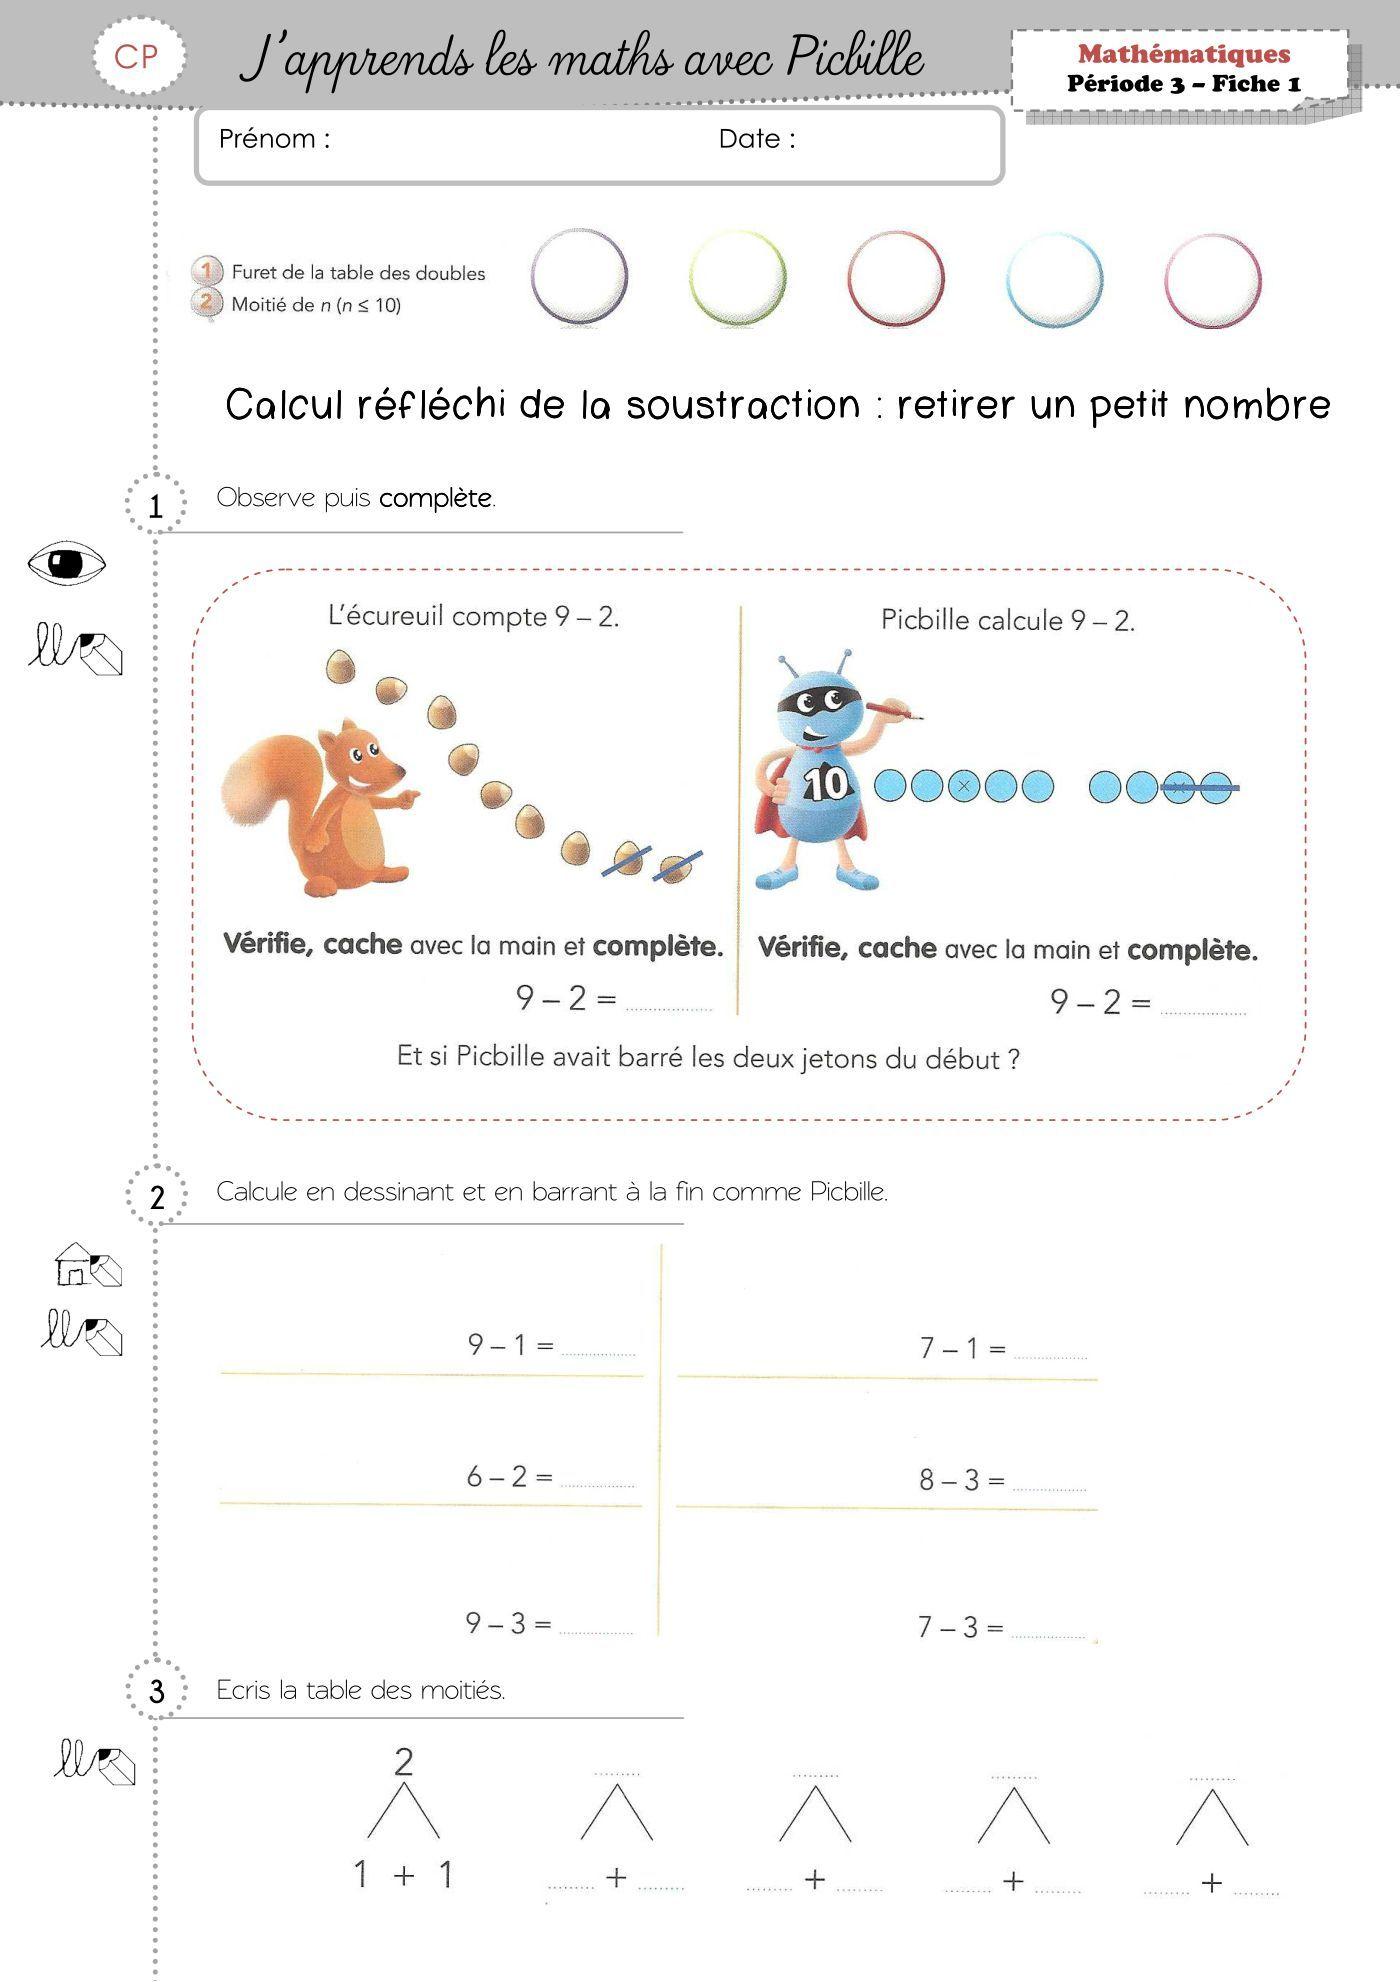 J Apprends Les Maths Avec Picbille Cp Pdf : apprends, maths, picbille, Épinglé, Ecole